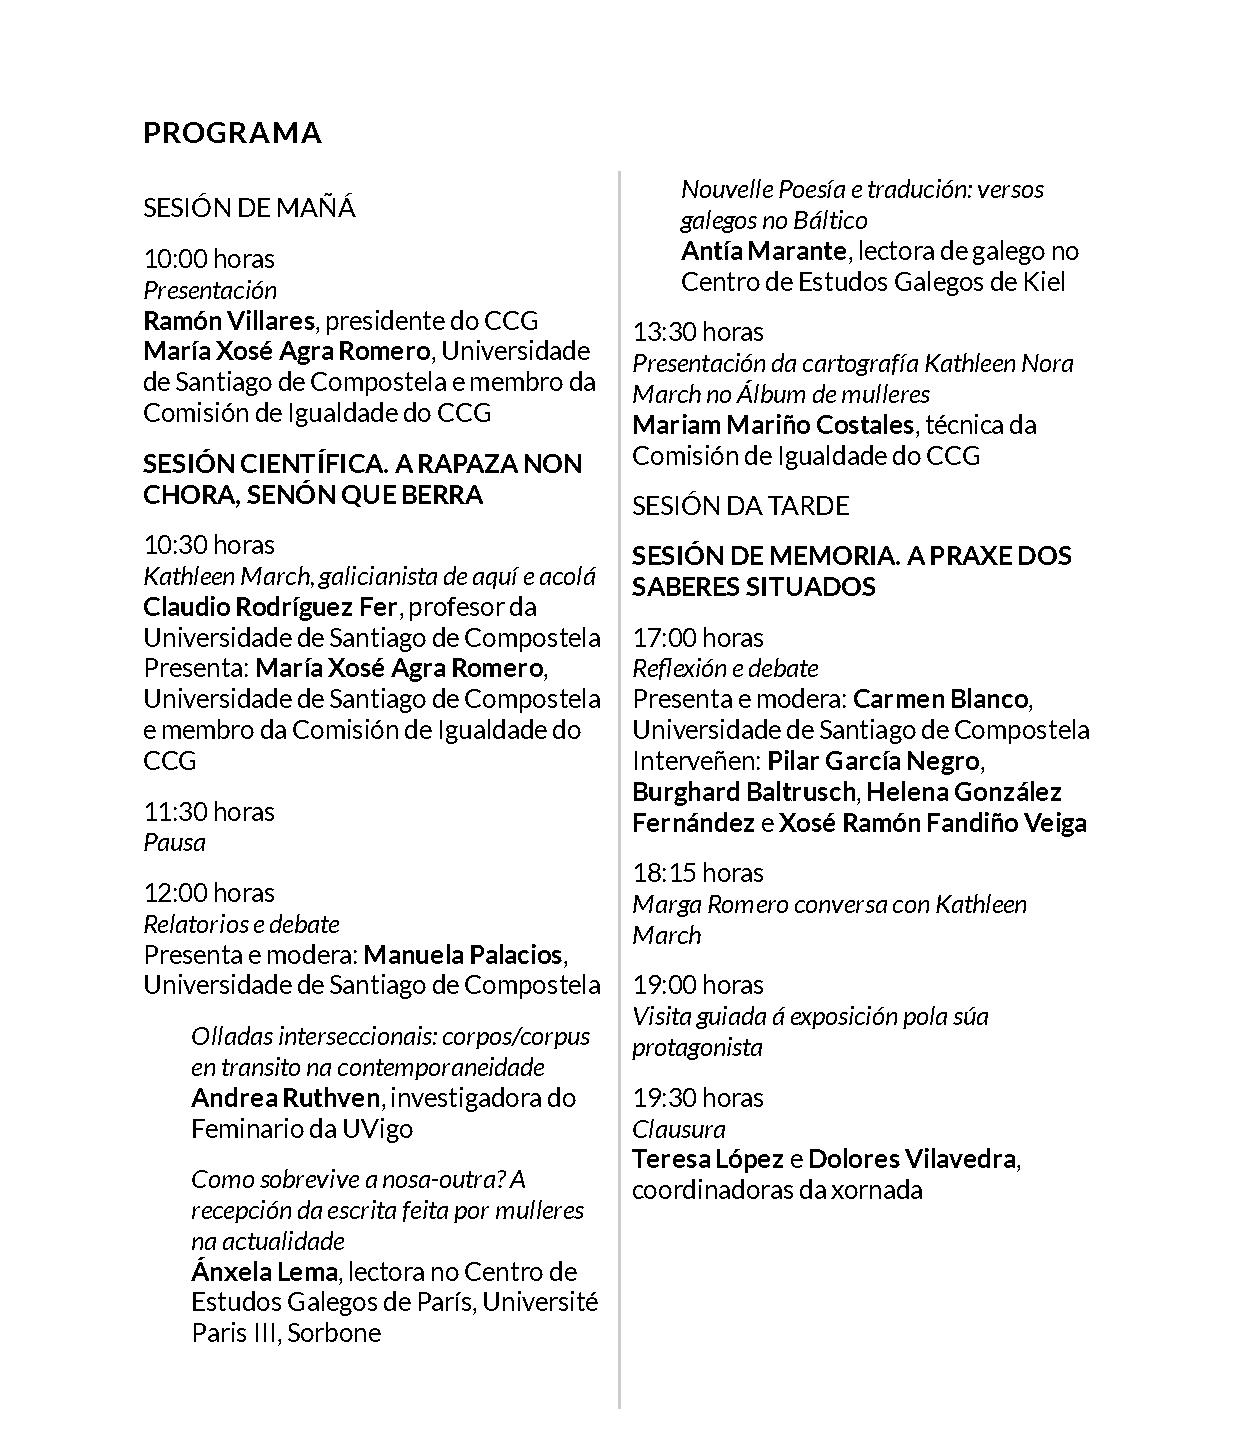 xornada-kathleen-march-ler-como-feminista-2016-programa